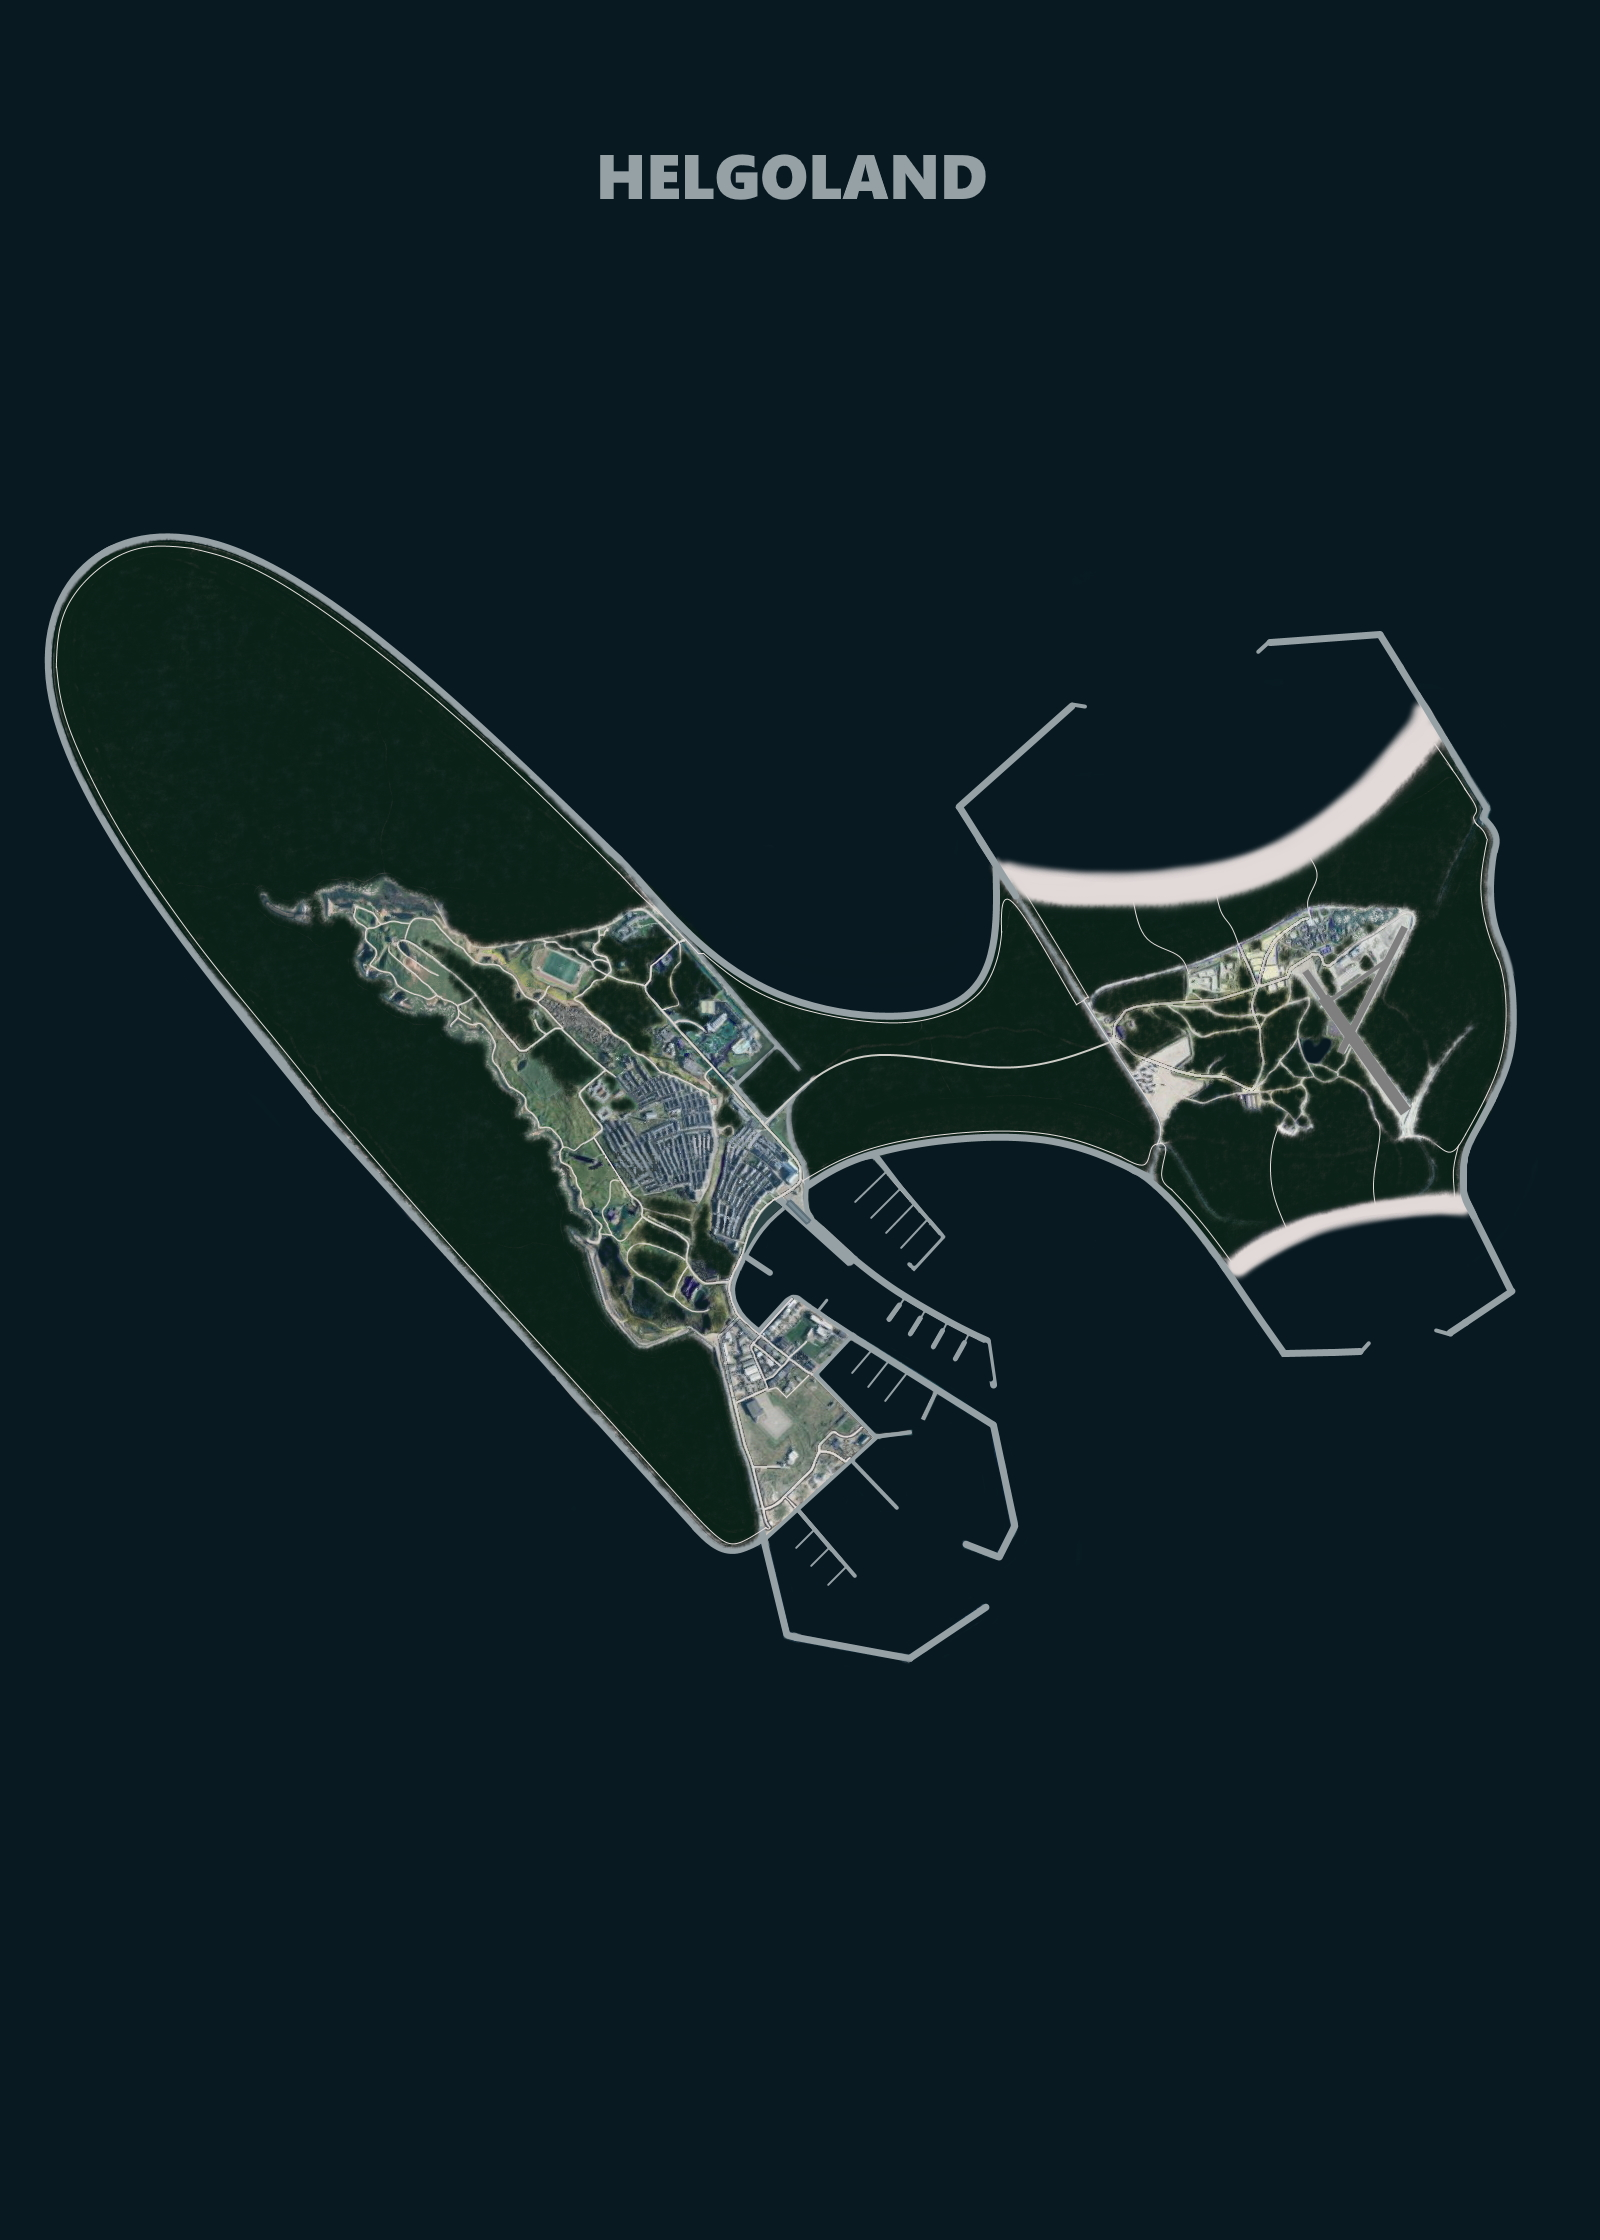 Helgoland, landgewinnung, küstenschutz, insel, eindeichung, naturschutz, sturmflut, vergrößerung